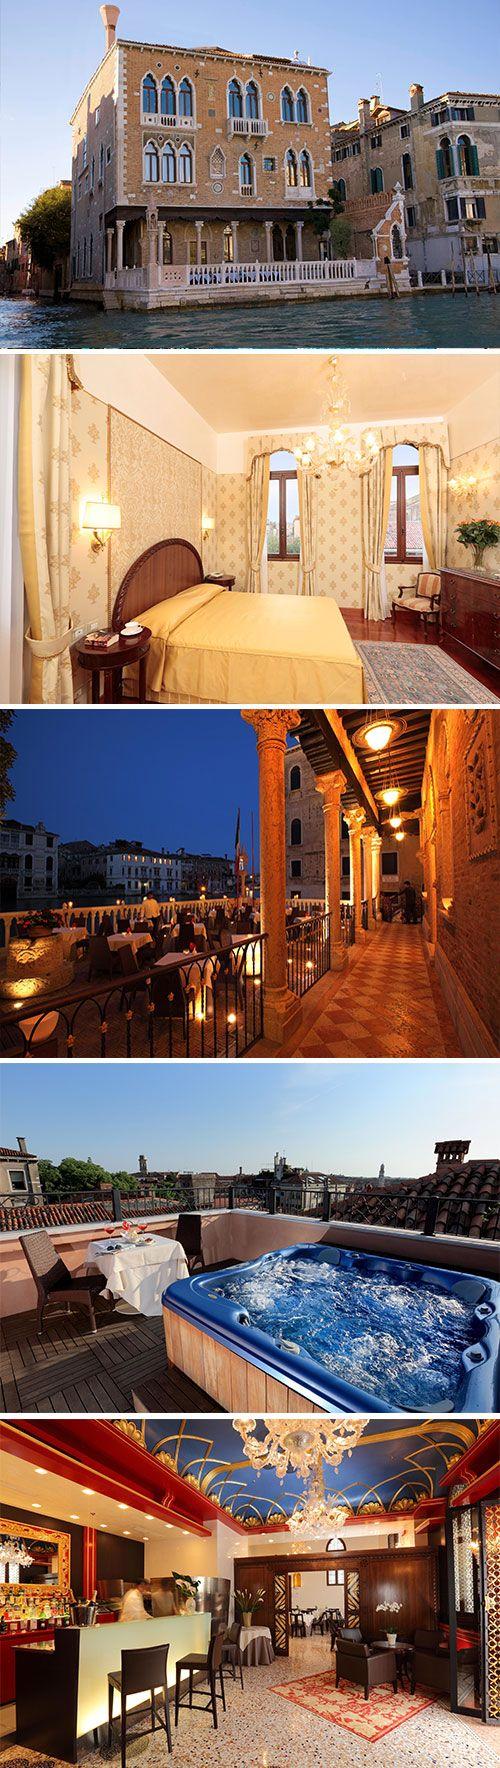 Verblijf in stijl in Hotel Palazzo Stern, een viersterren hotel in Venetië gevestigd in een oud paleis. Dit hotel ligt direct aan de slagader van de stad, Canal Grande. Naast een uitstekende ligging beschikt het hotel over prachtige kamers en diverse faciliteiten die bijdragen aan een geslaagde stedentrip.